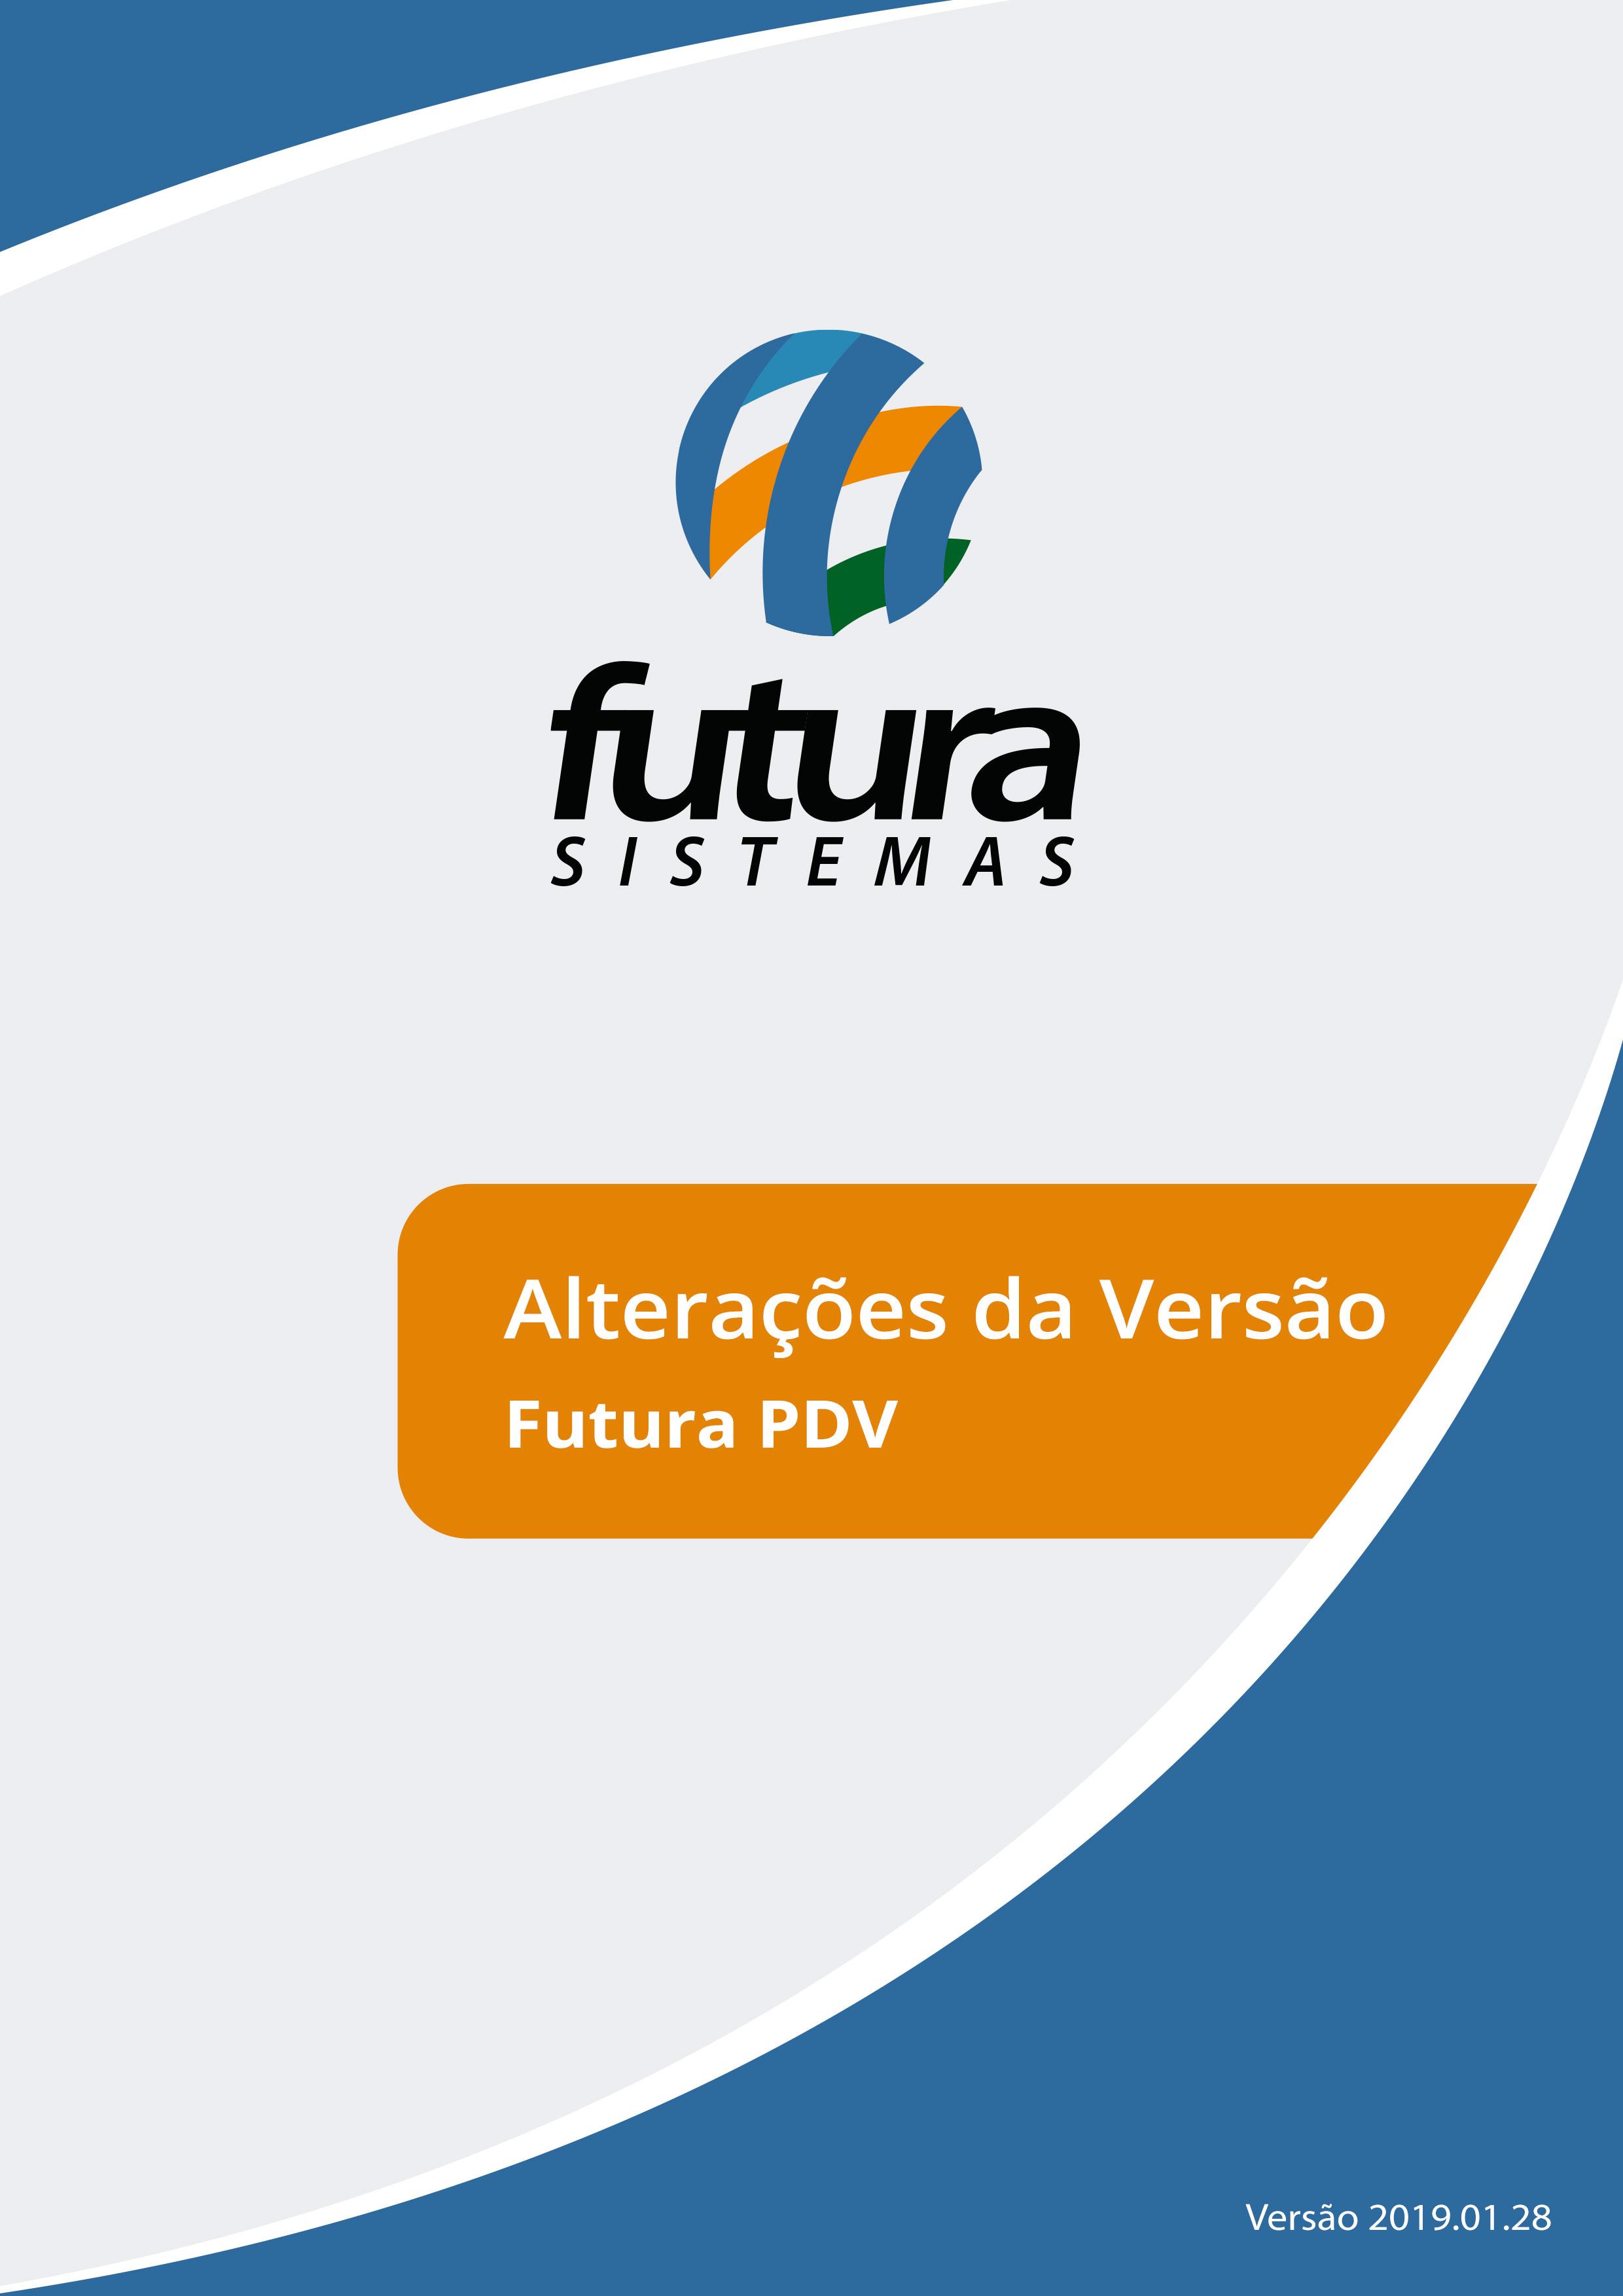 Futura-PDV